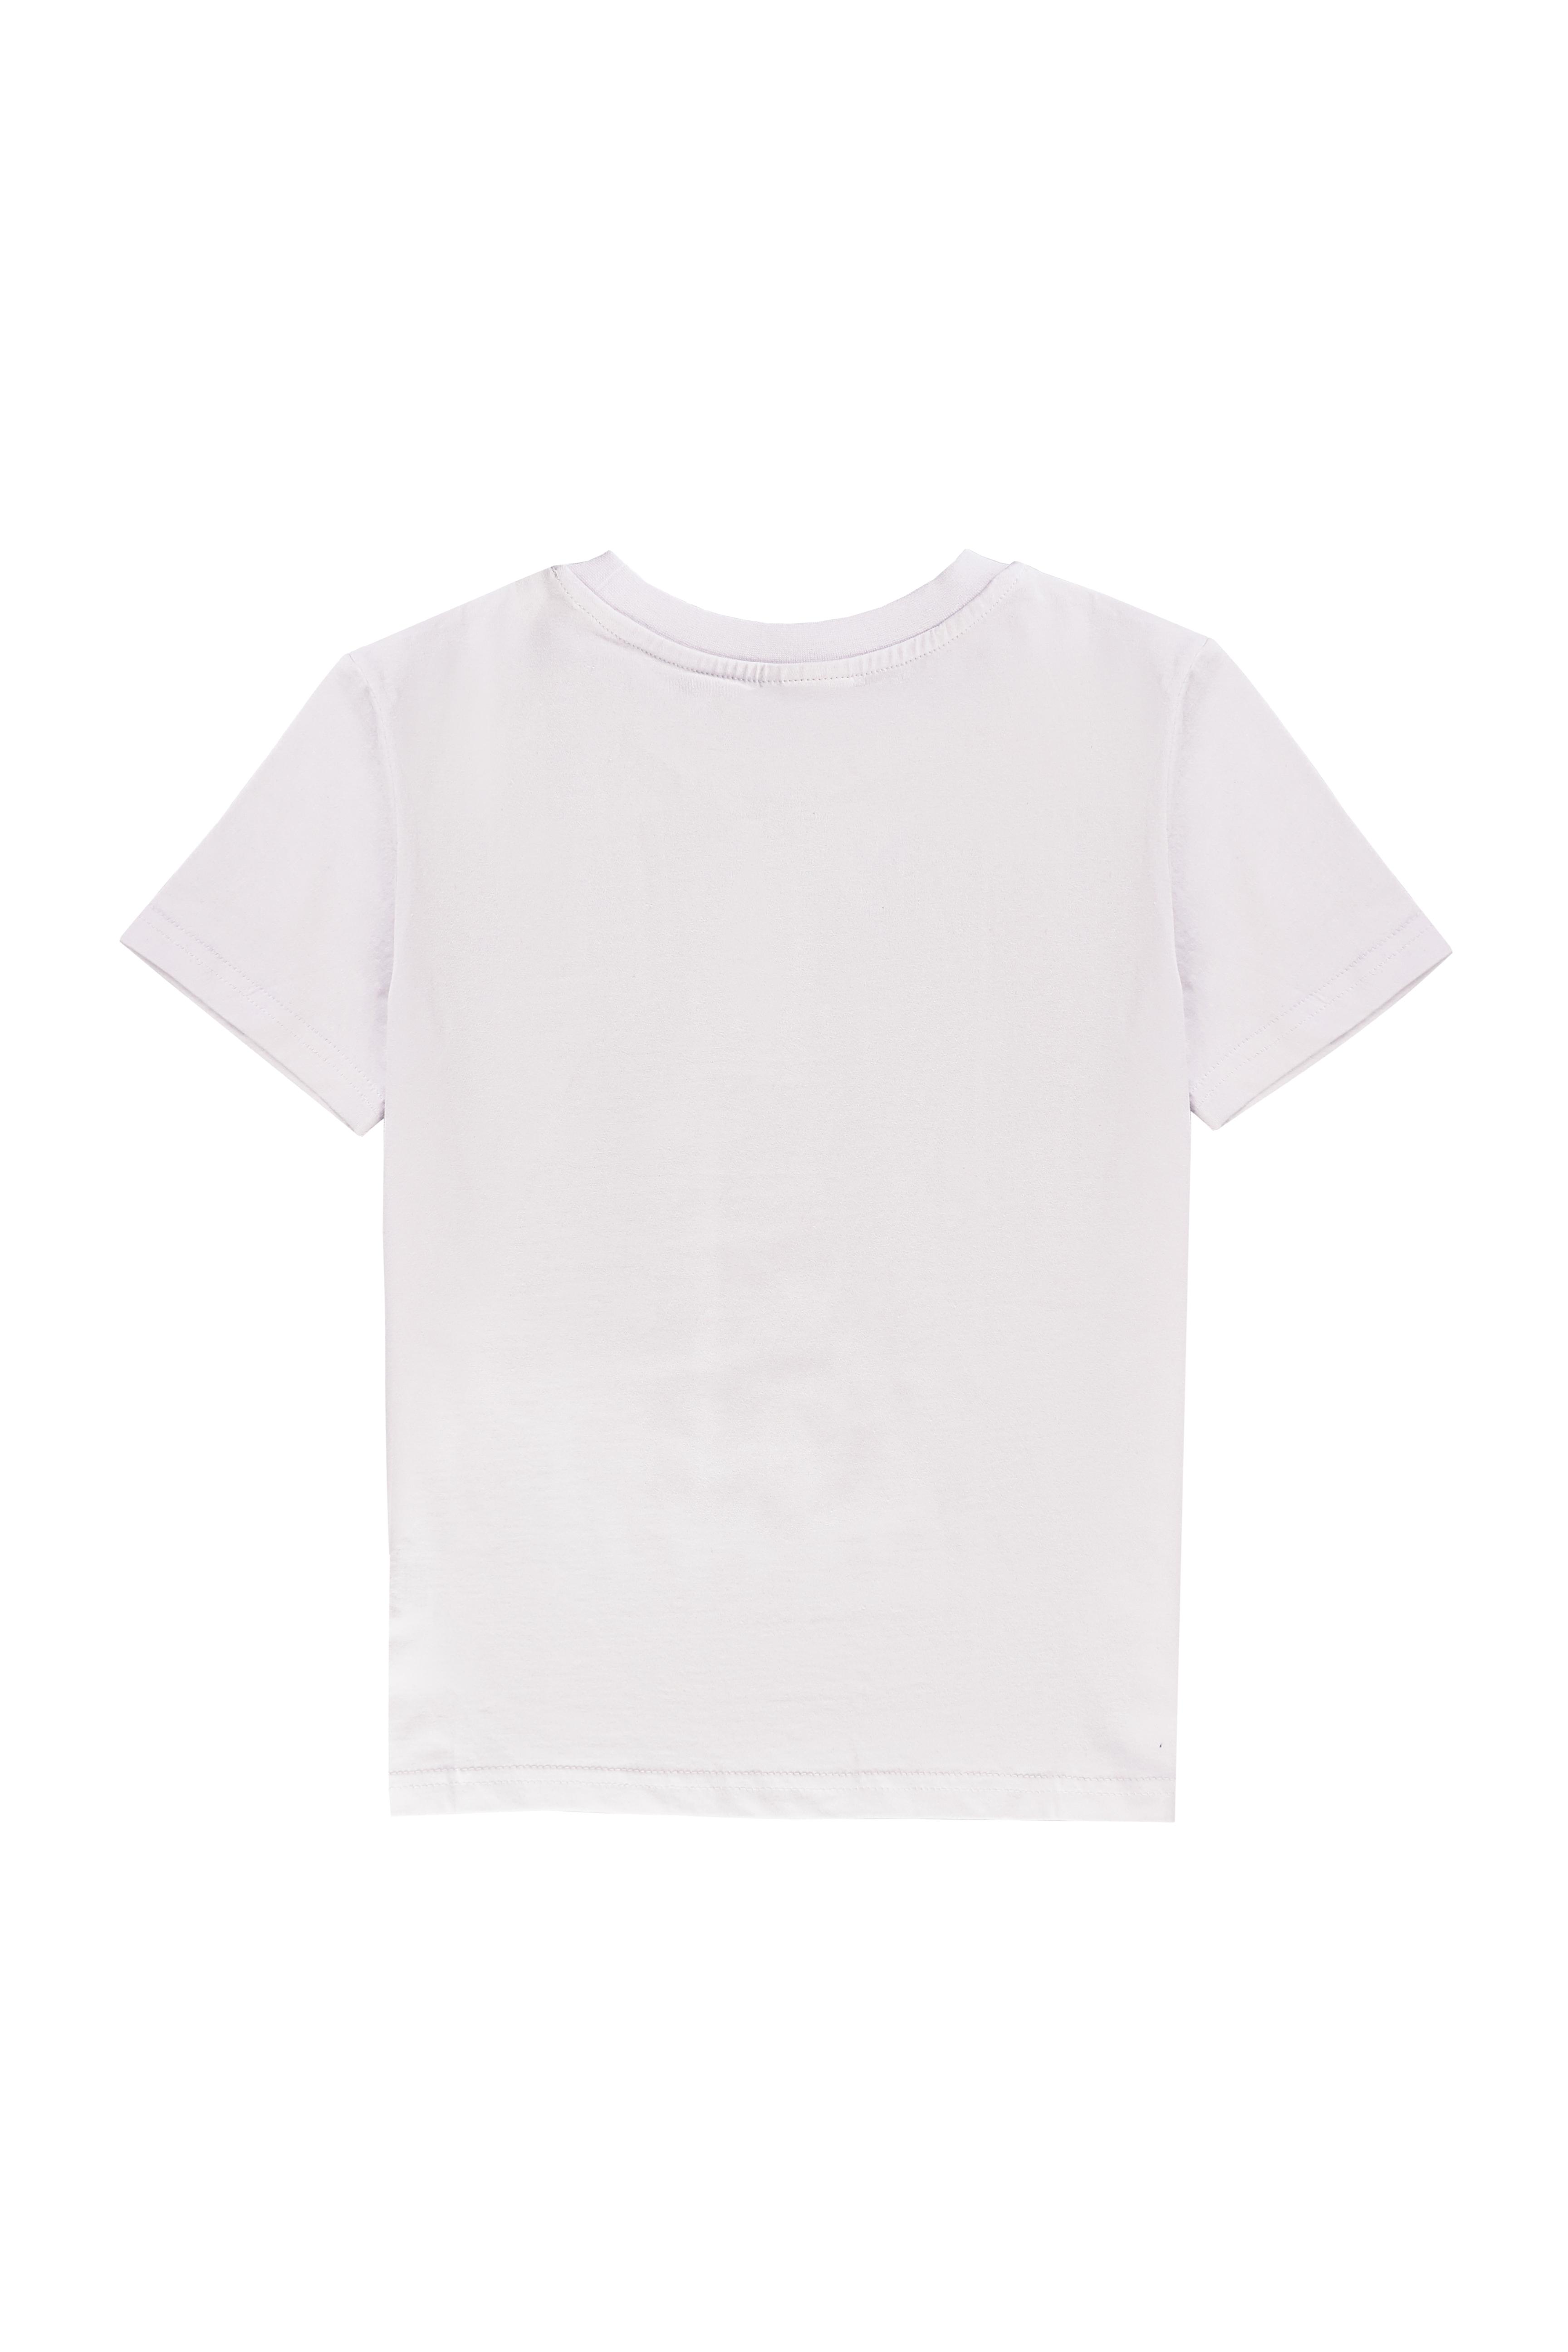 Chlapecké tričko California Bílá, Bordo